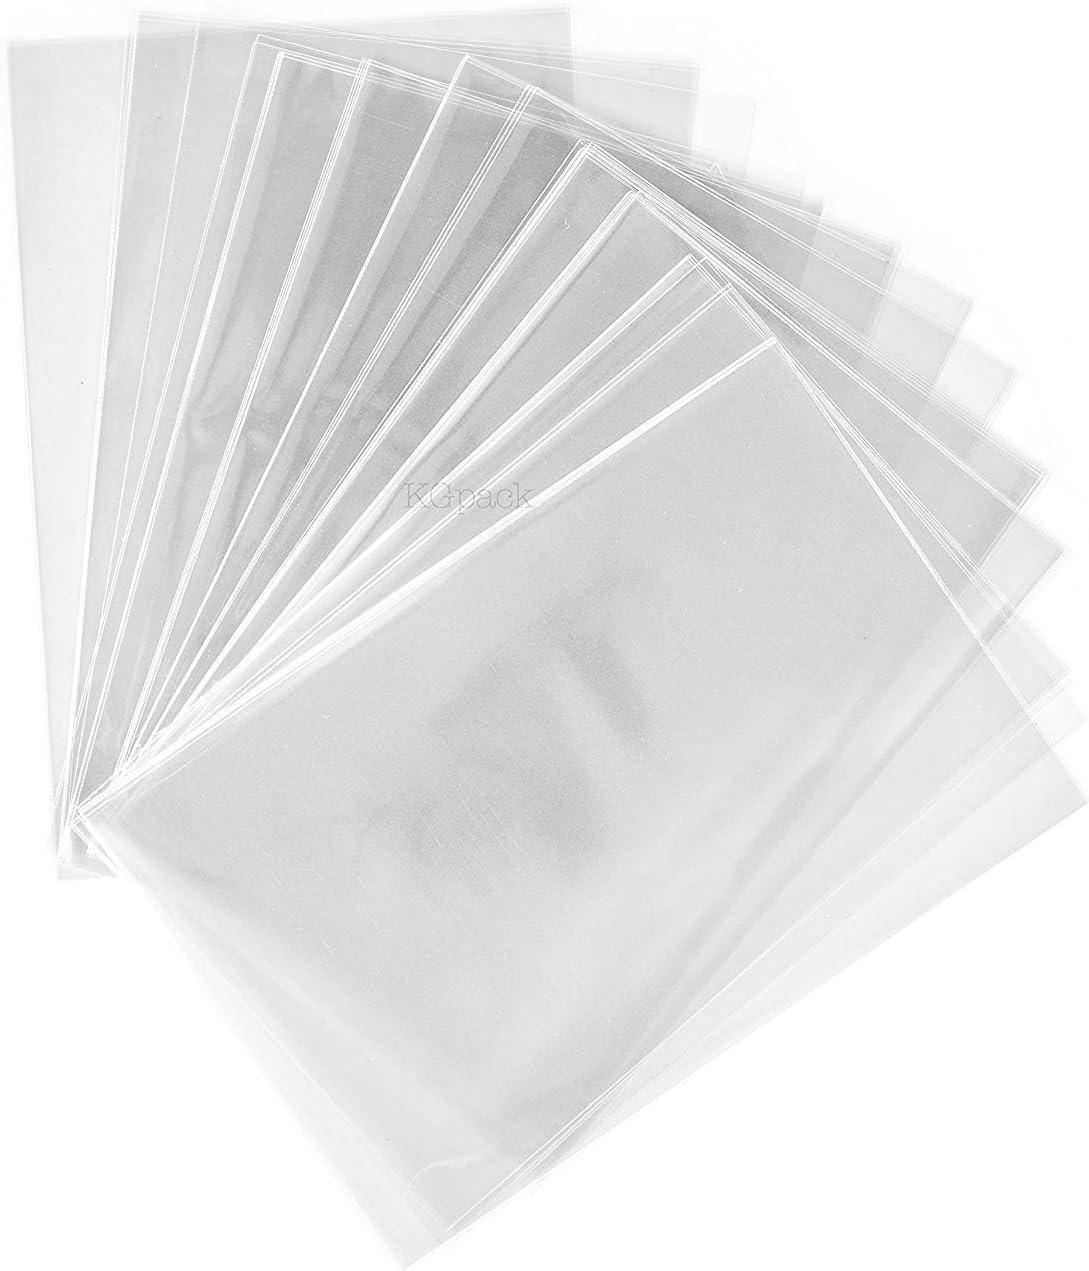 kgpack 100x Bolsas de plástico de celofán Transparente 10 x 15 cmBolsitas de Bolsas de plástico para Galletas Galletas Dulces Tortas de Dulces Magdalenas de Chocolate PiruletaBolsas de Decoracións